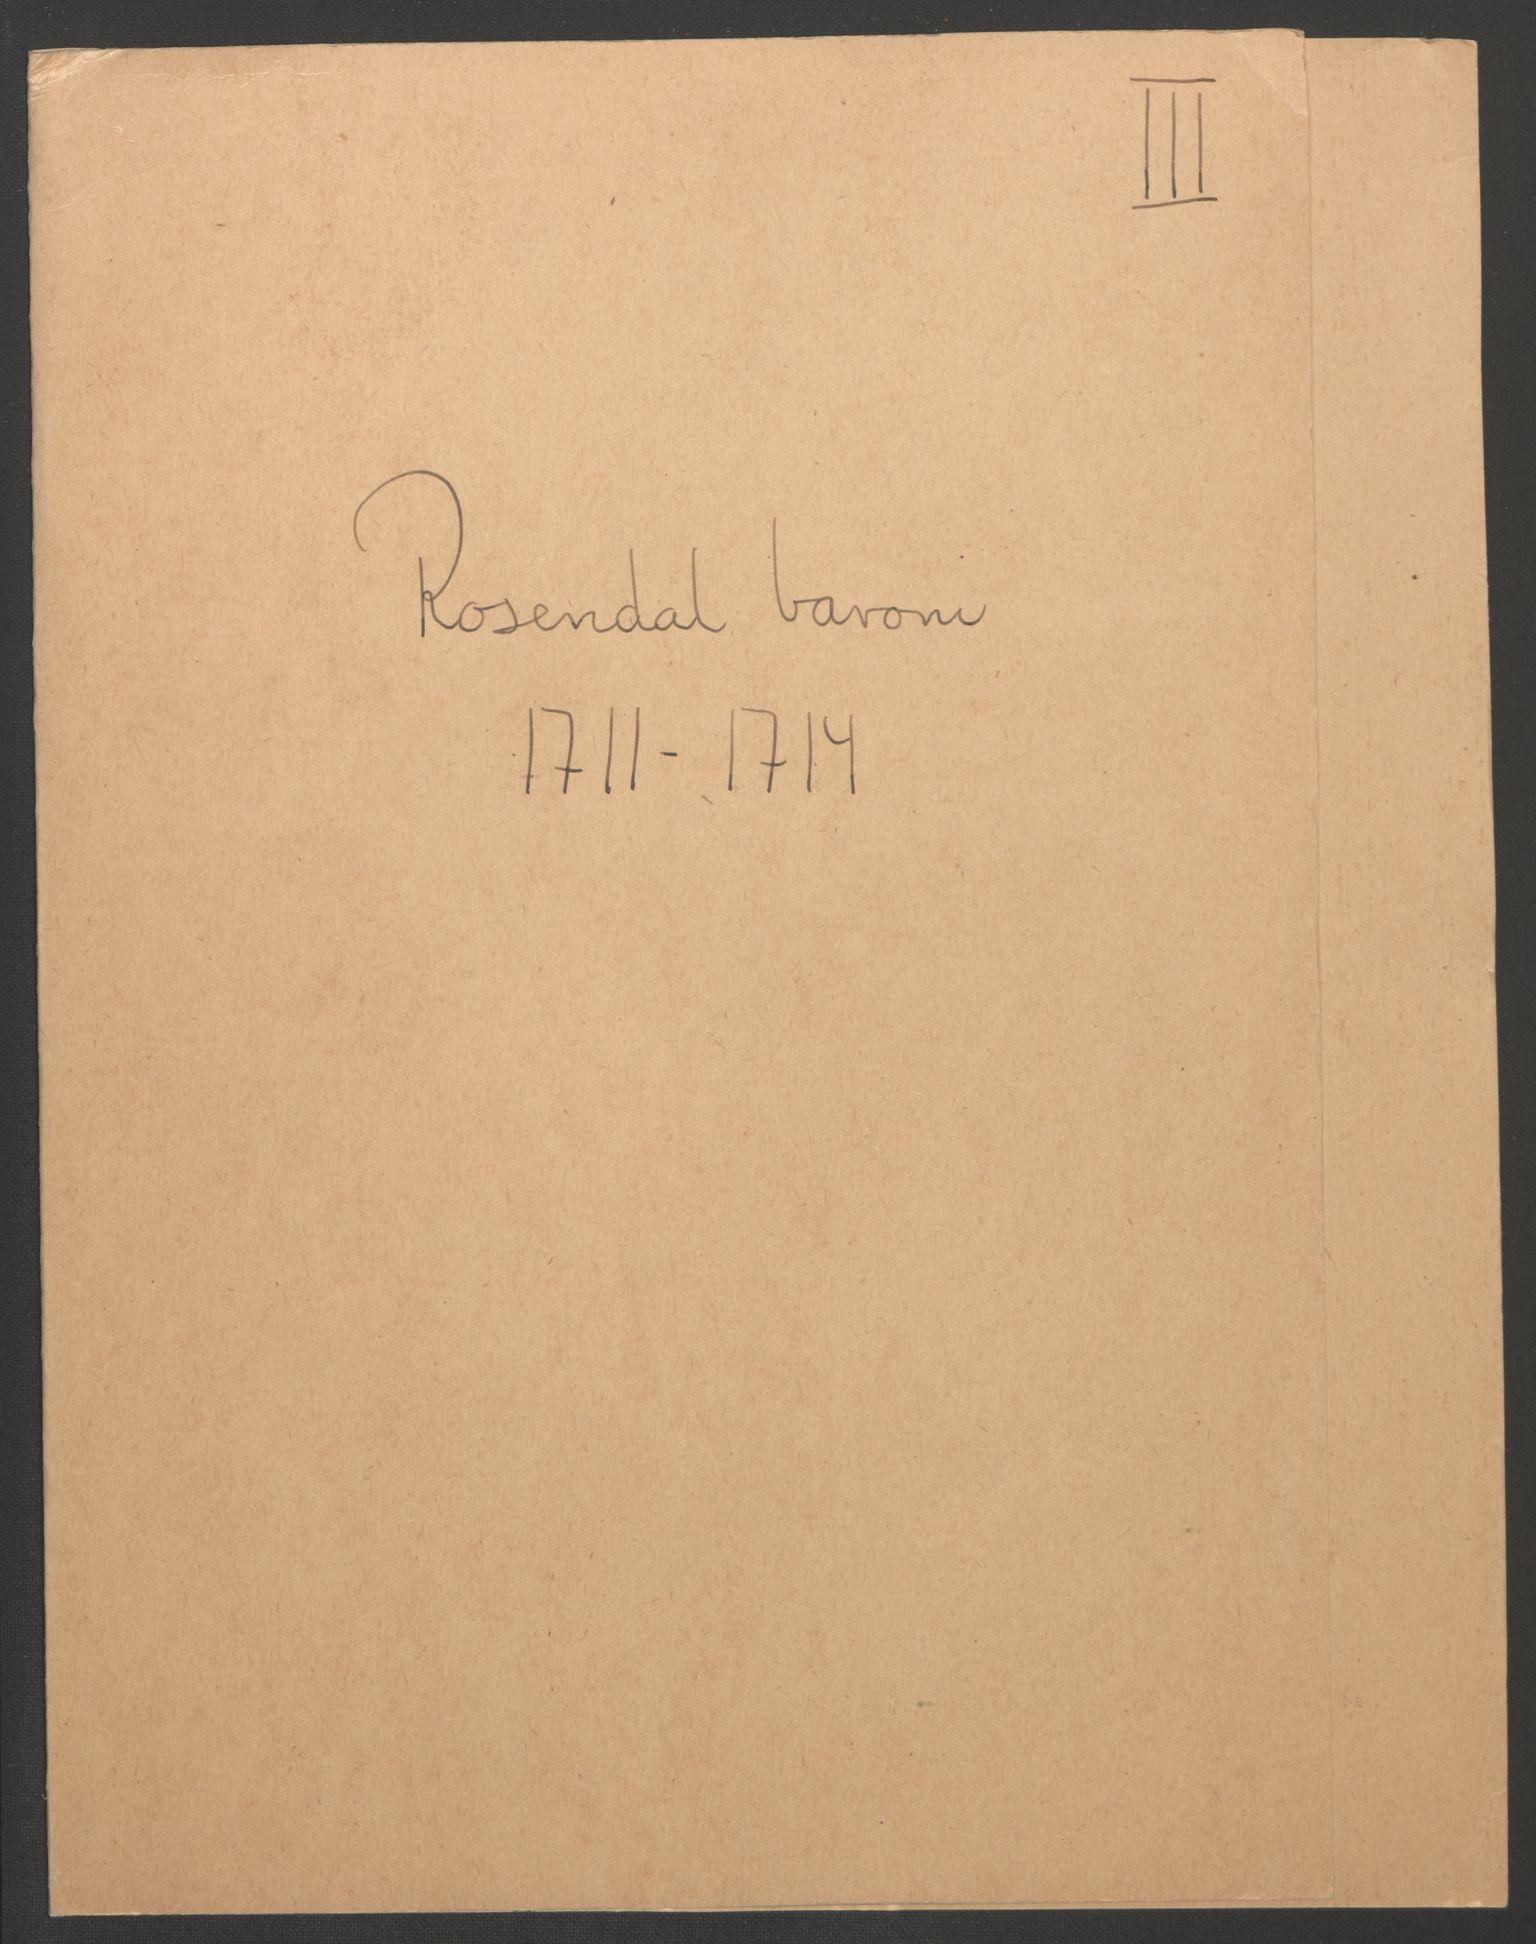 RA, Rentekammeret inntil 1814, Reviderte regnskaper, Fogderegnskap, R49/L3138: Fogderegnskap Rosendal Baroni, 1691-1714, s. 276